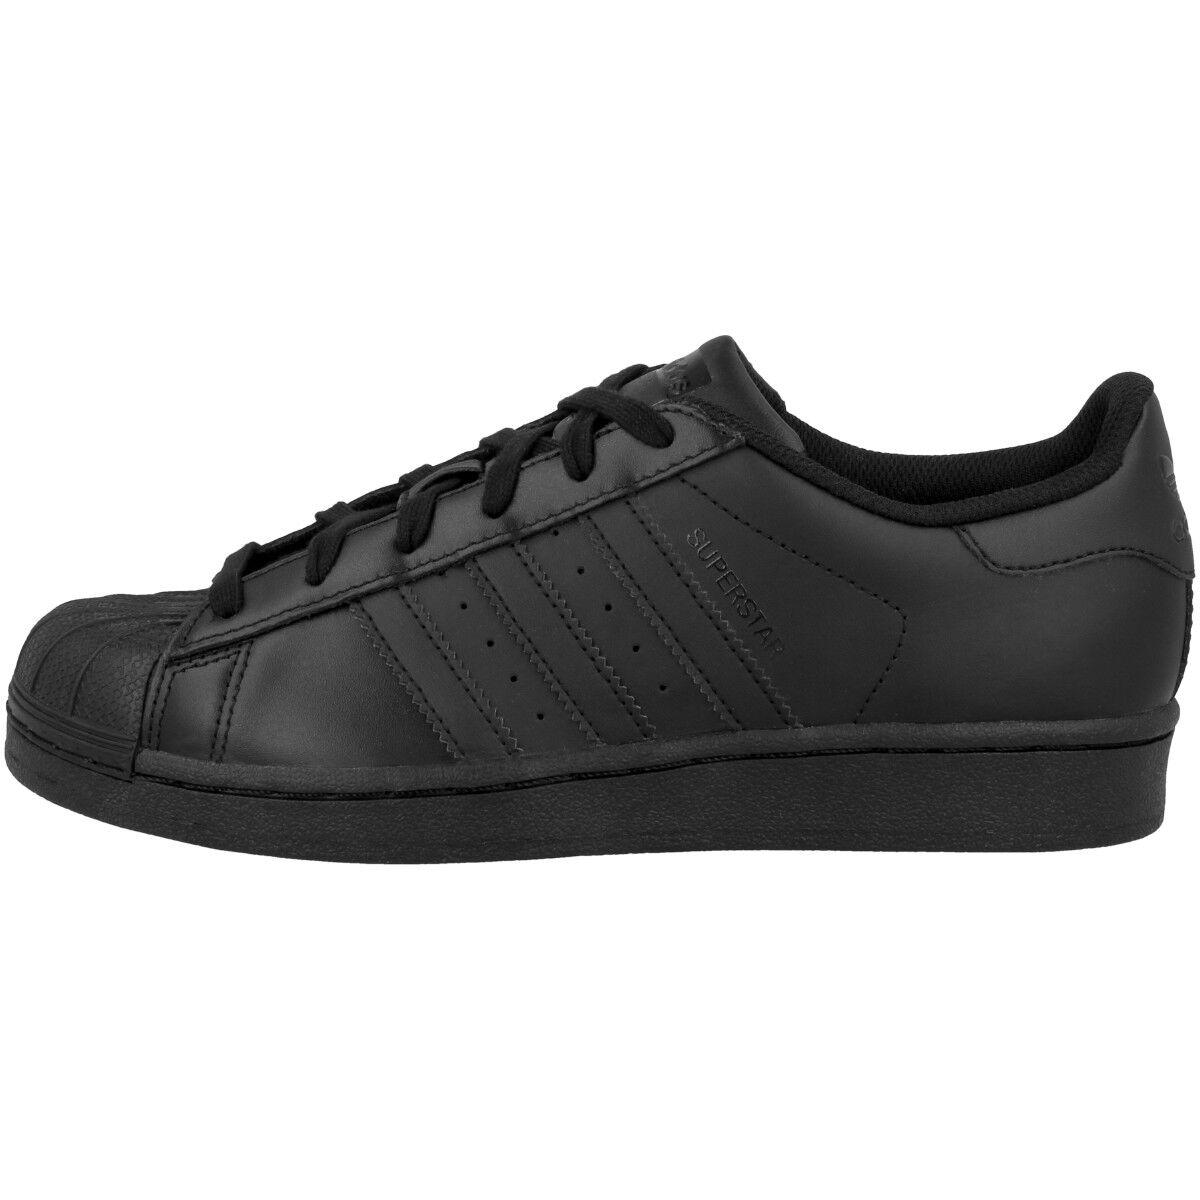 Adidas Superstar Foundation J Schuhe schwarz schwarz B25724 Retro Sneaker Dragon